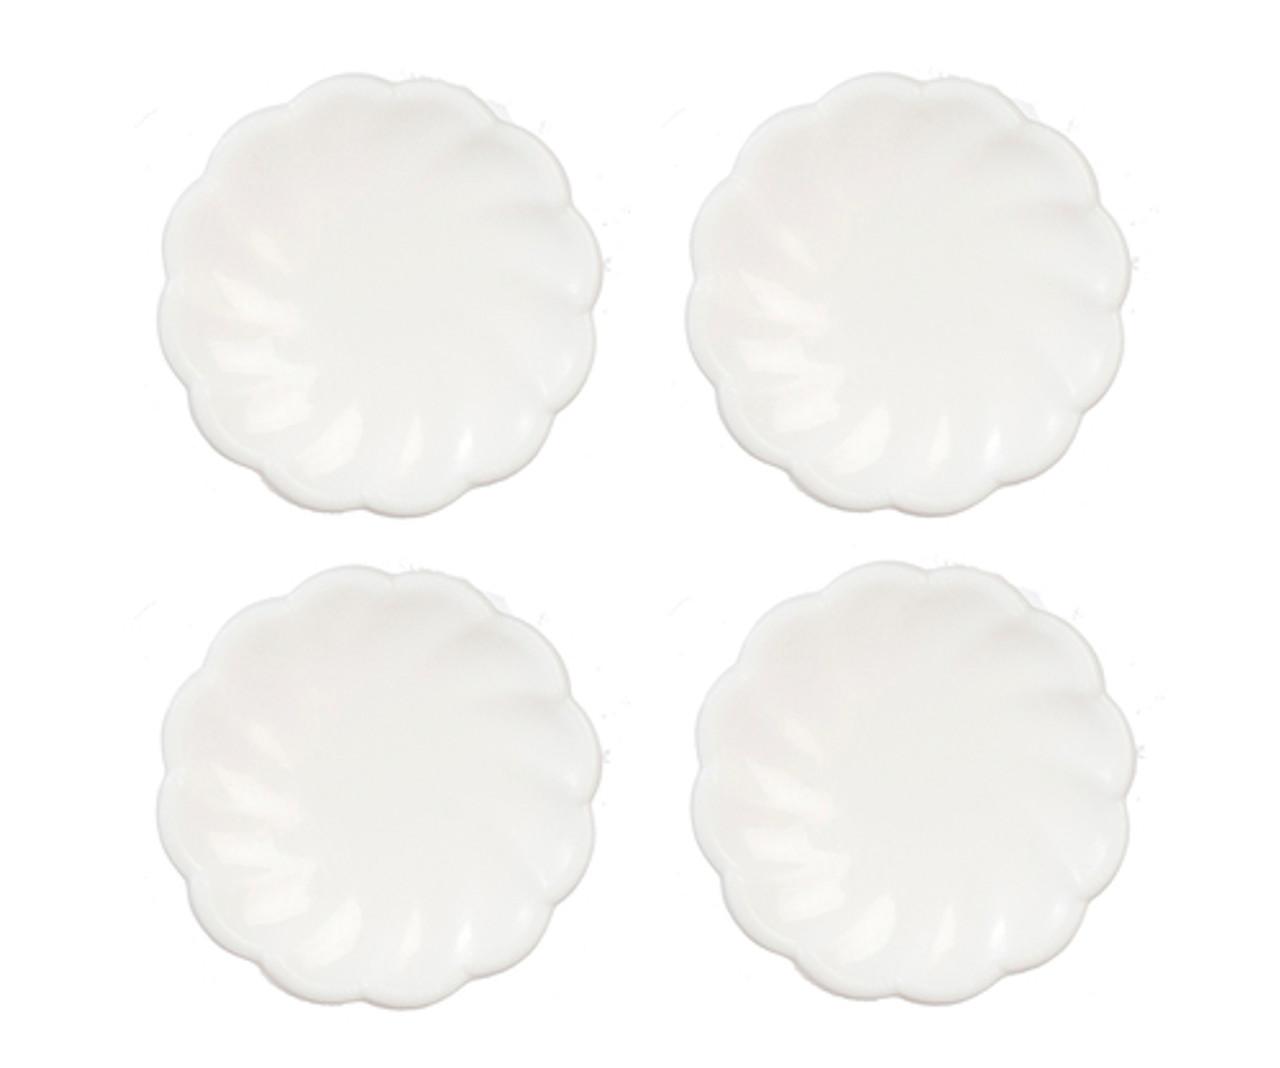 4 Small Victorian Plates - White